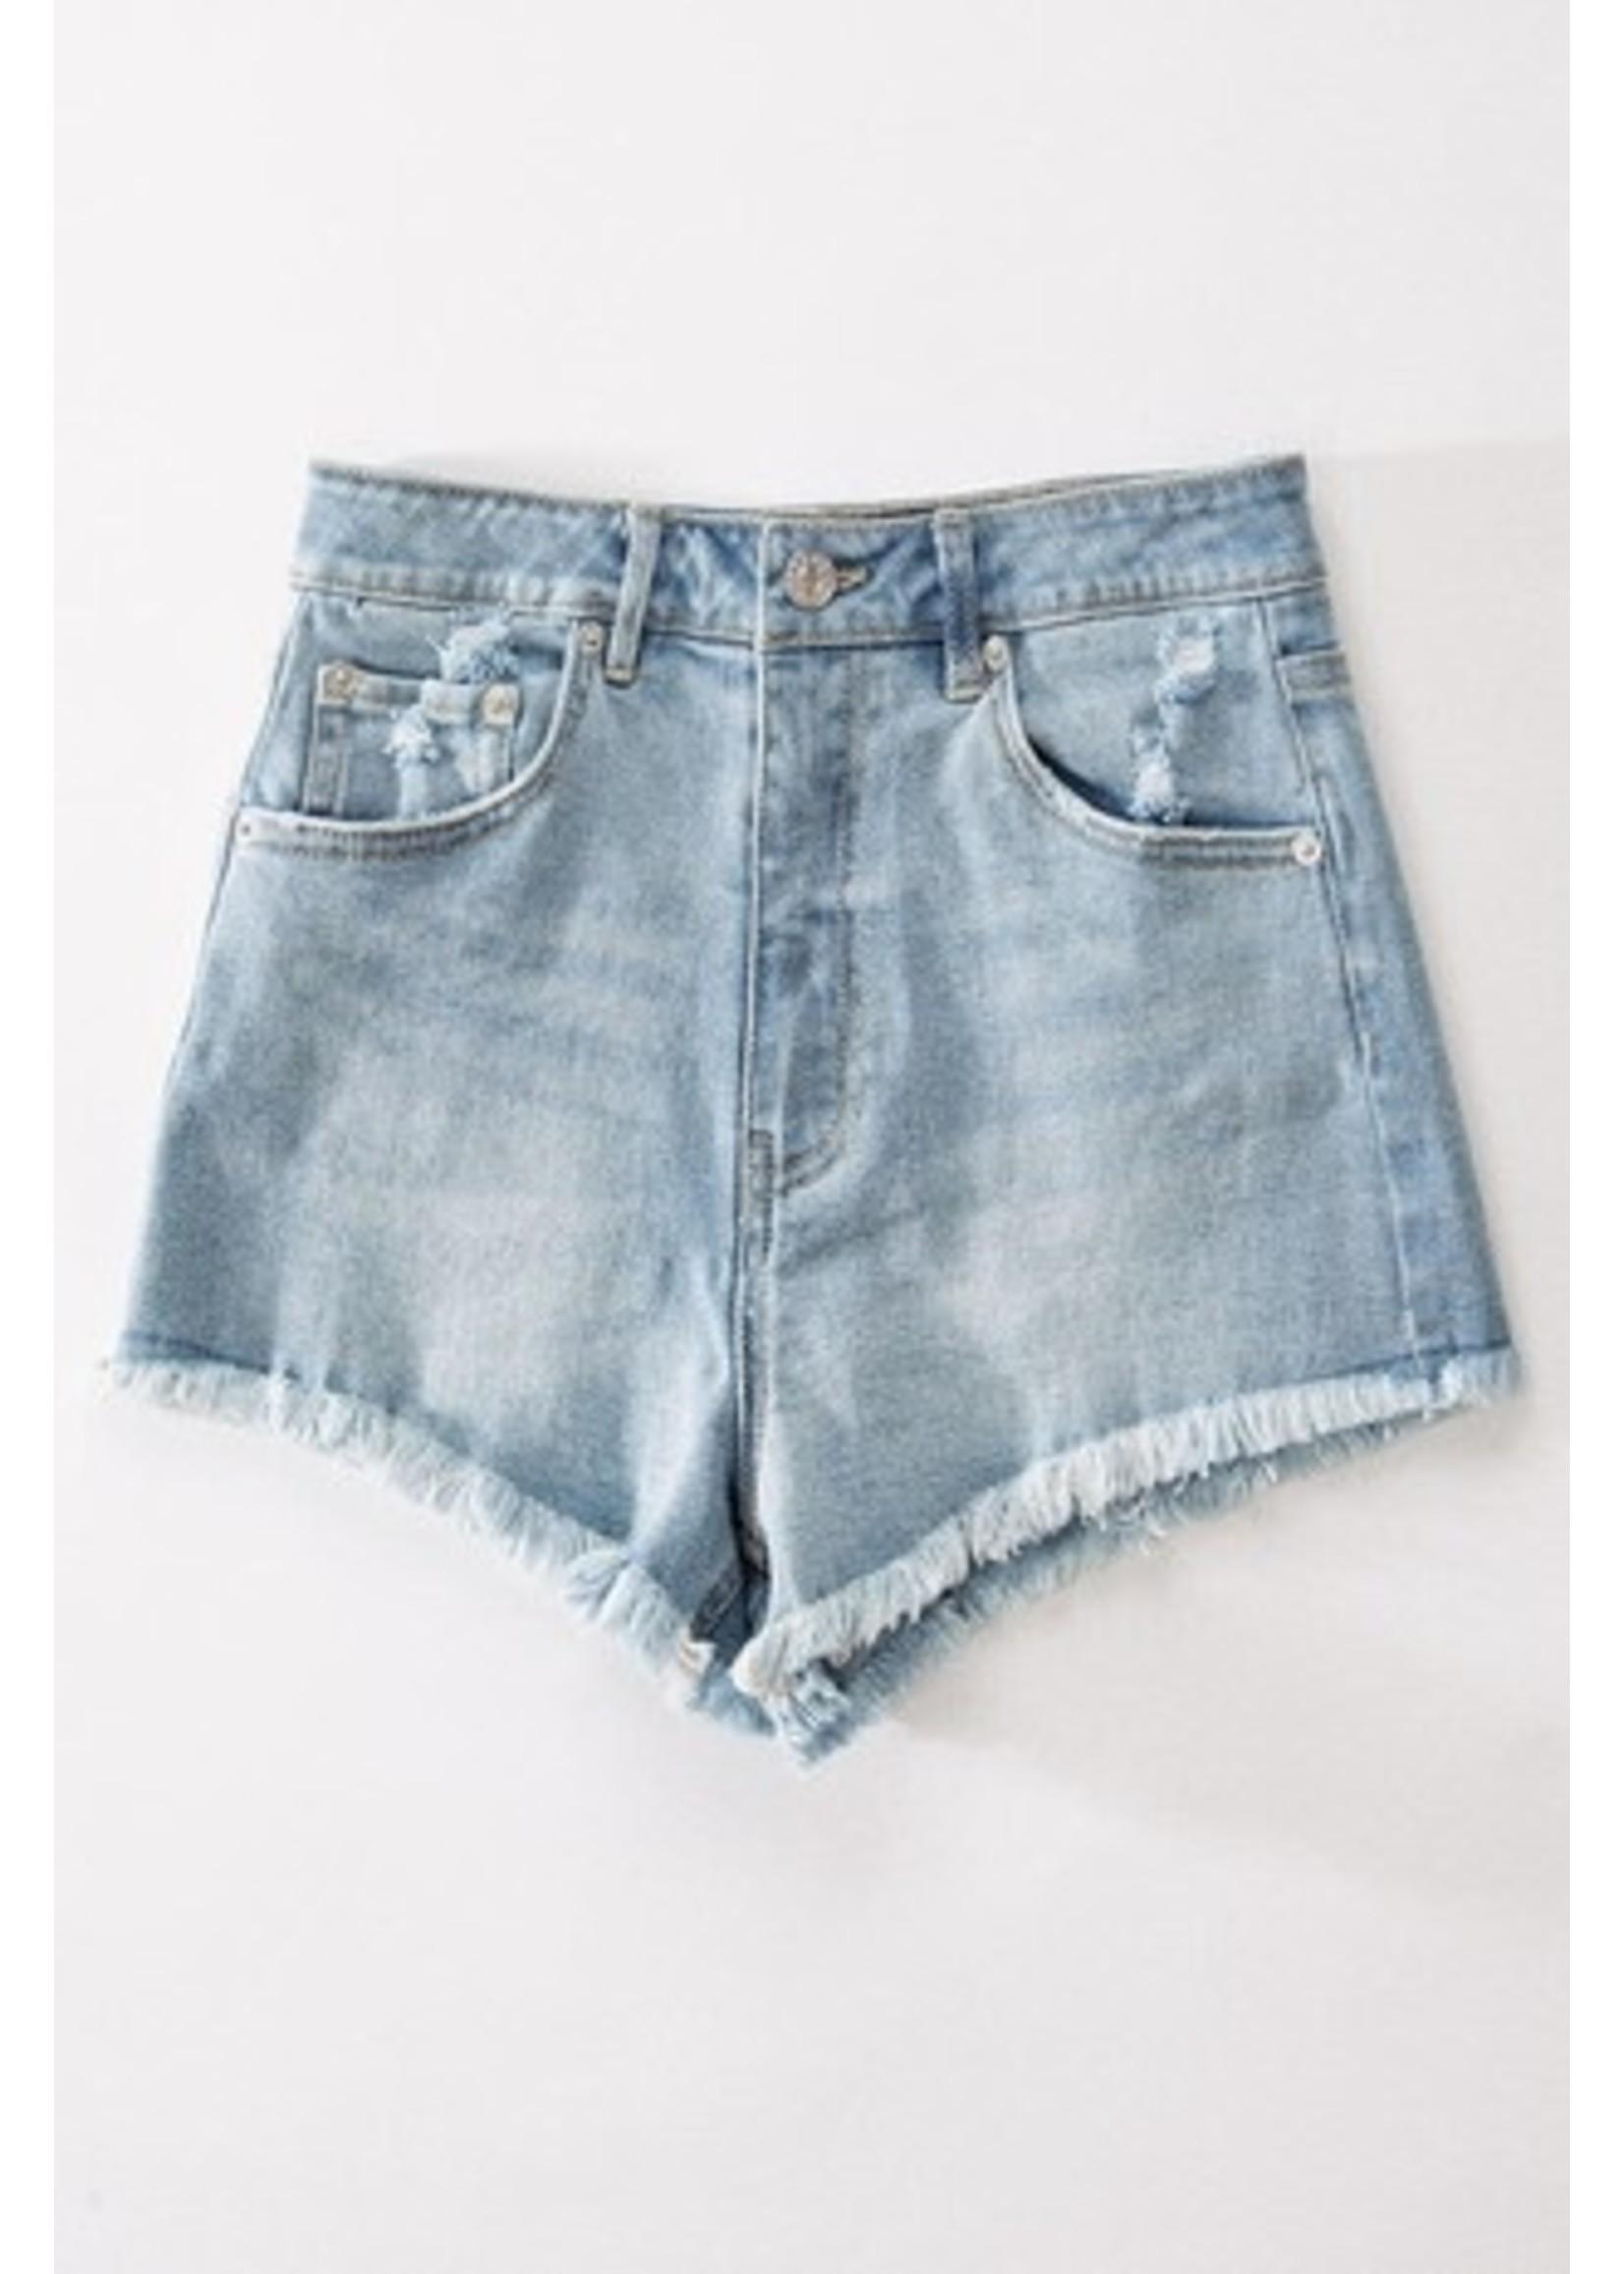 trend : notes Daisy Dukes 2.0 Shorts Lt Blue